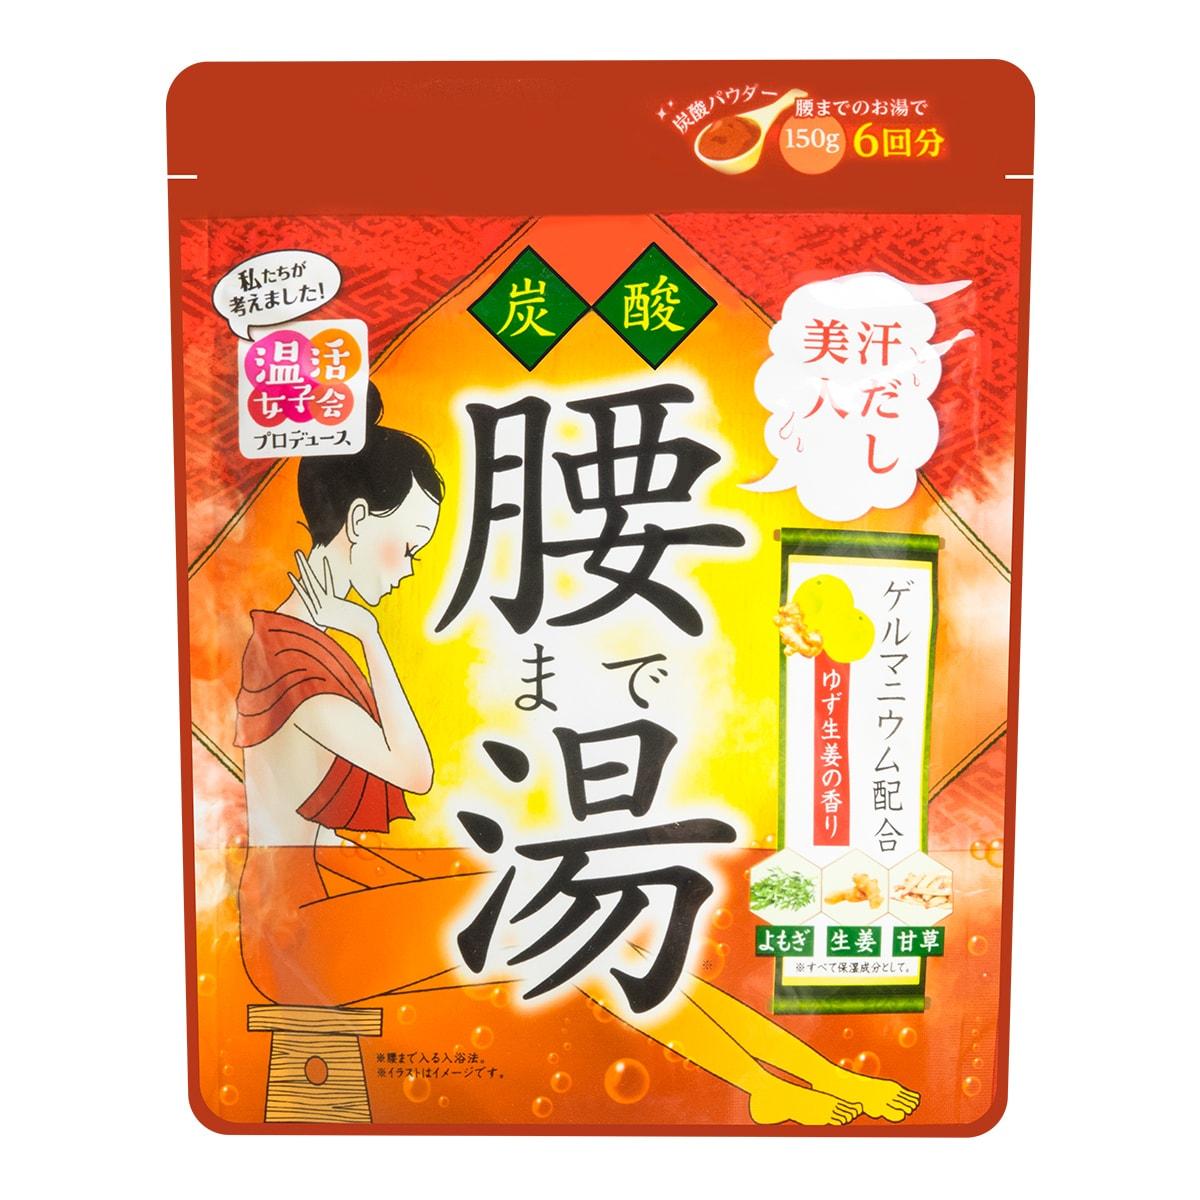 日本GRAPHICO 温活女子会 碳酸半身入浴剂 #生姜味 150g